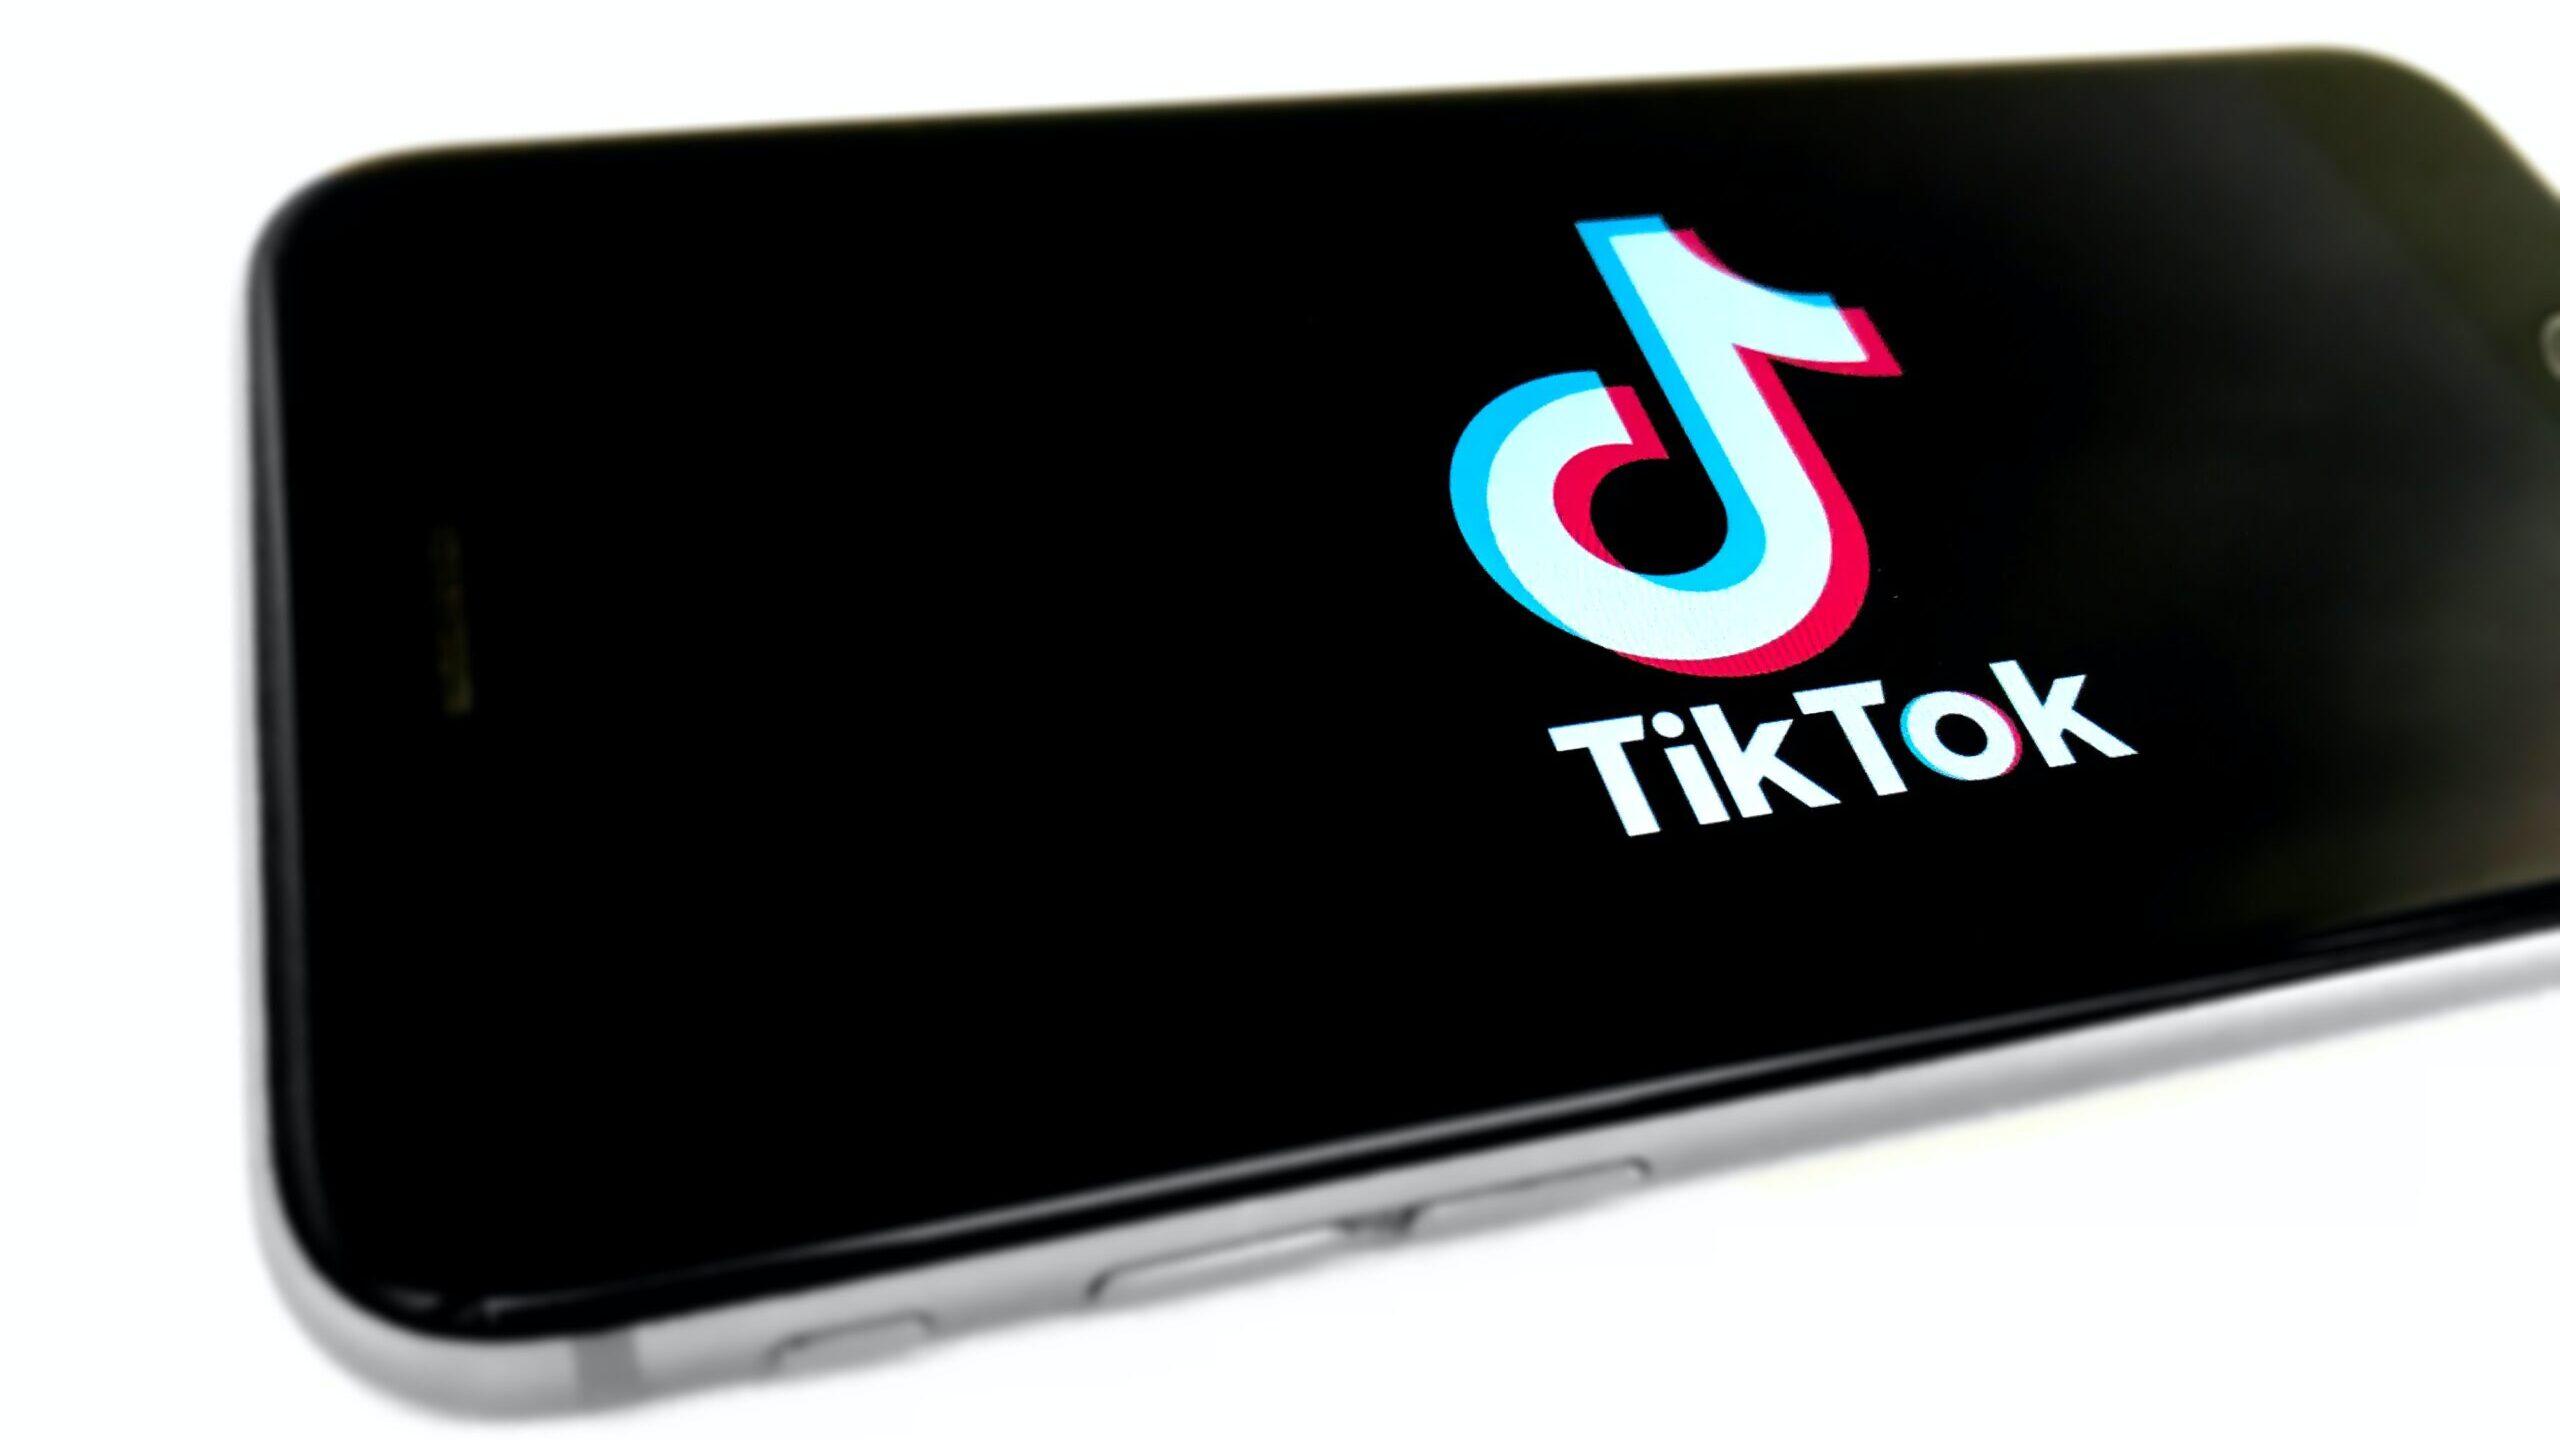 Candidatos mexicanos en TikTok: un intento de acercamiento